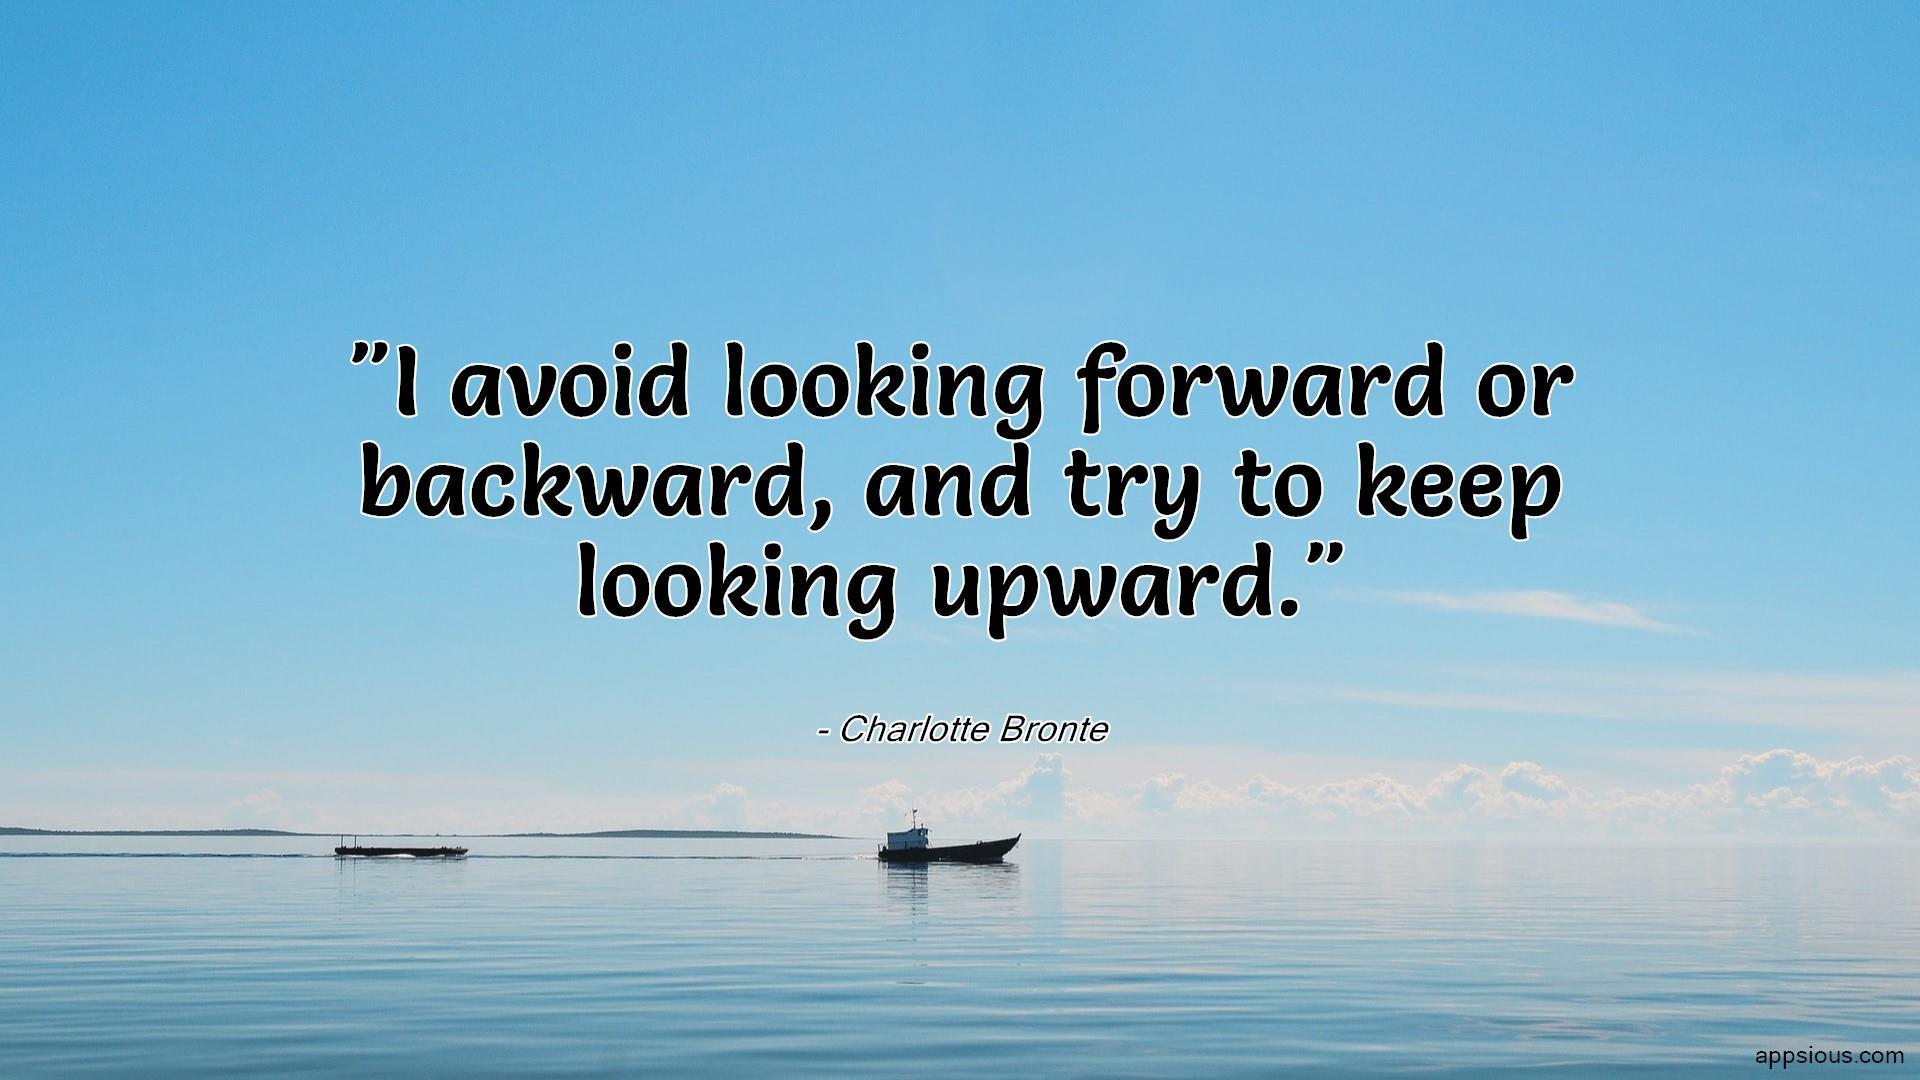 I avoid looking forward or backward, and try to keep looking upward.